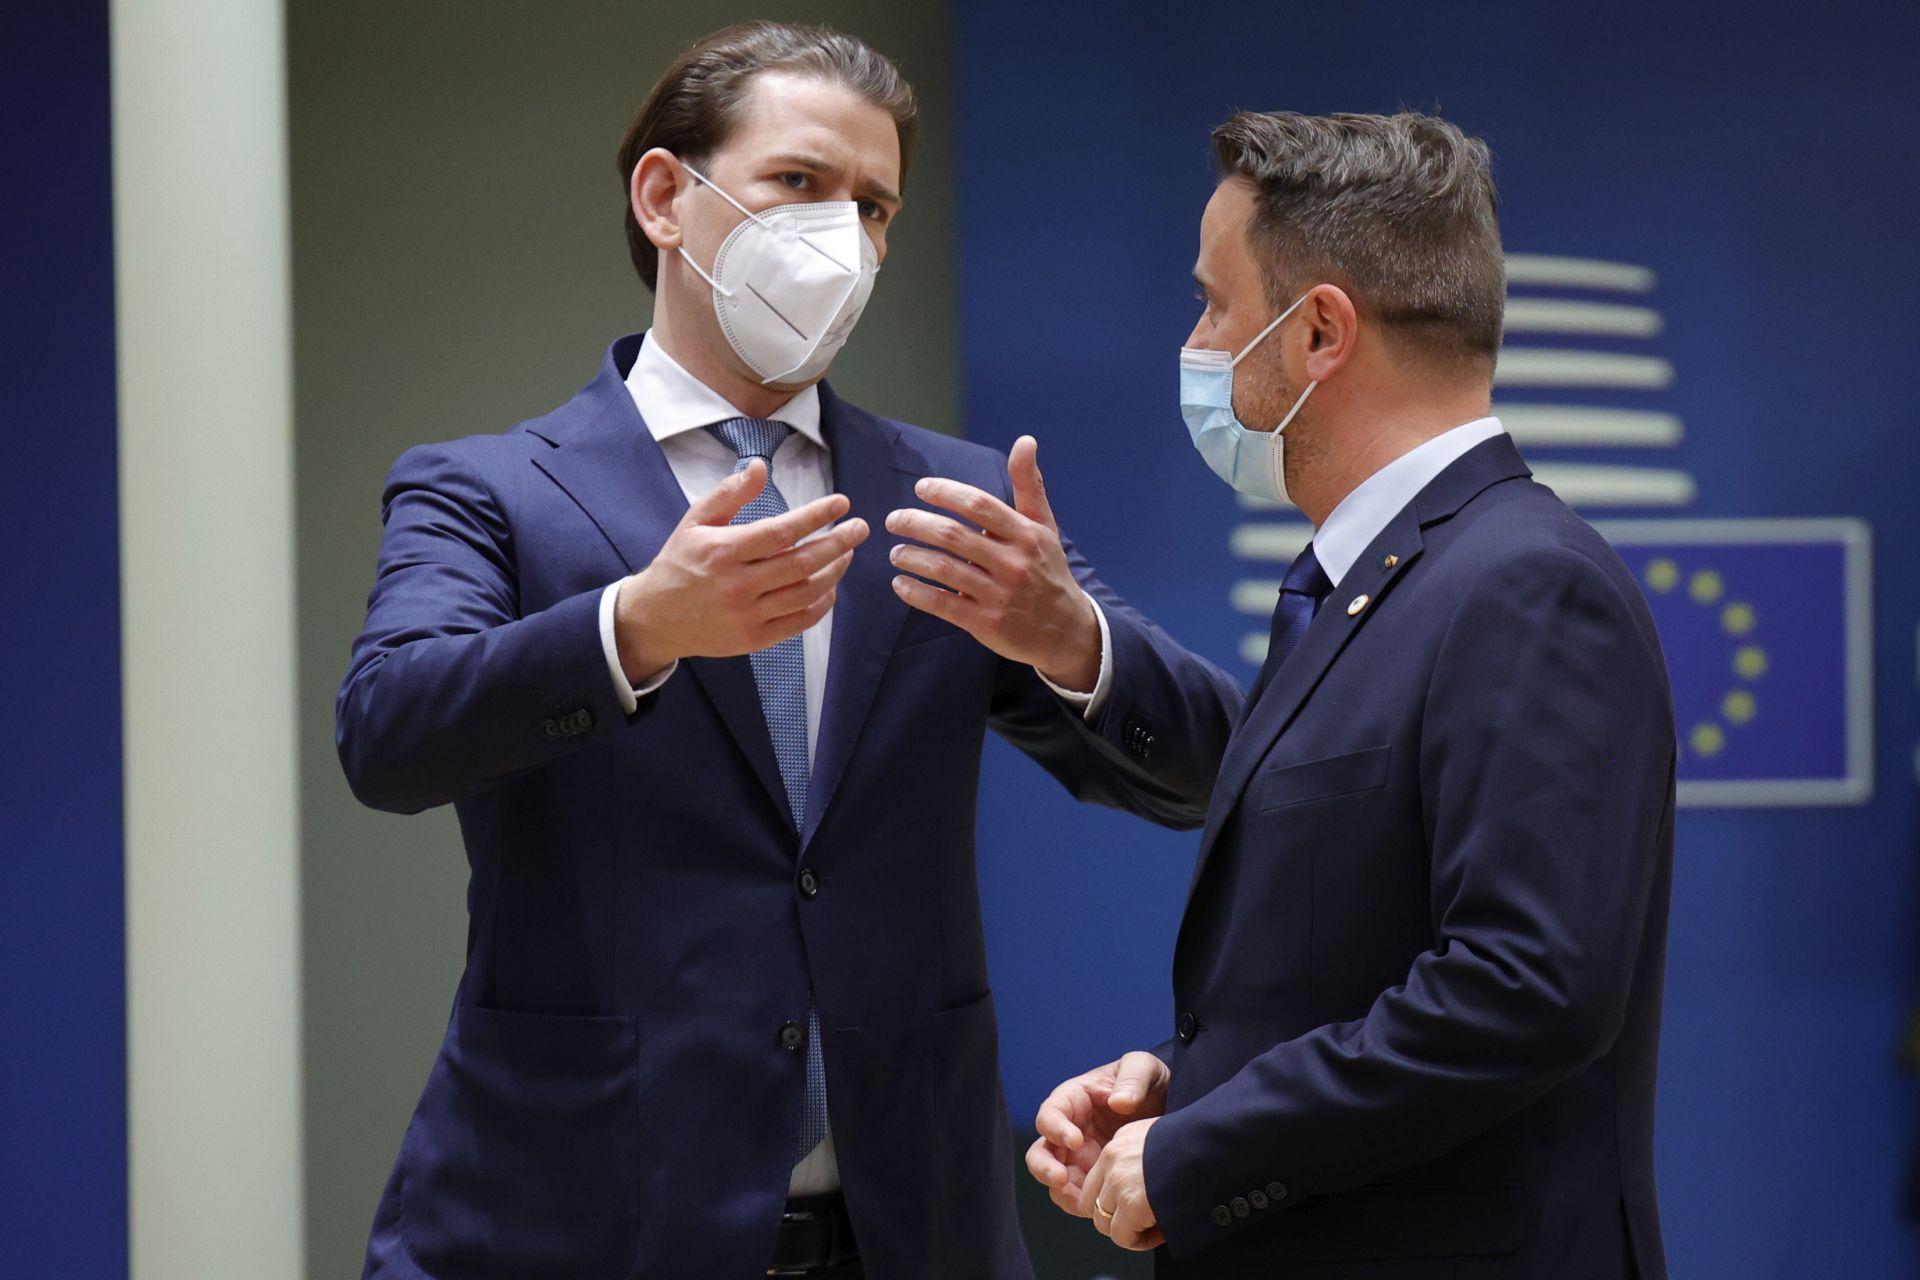 На кадри от срещата се вижда и как той стои близо до австрийския канцлер Себастиан Курц